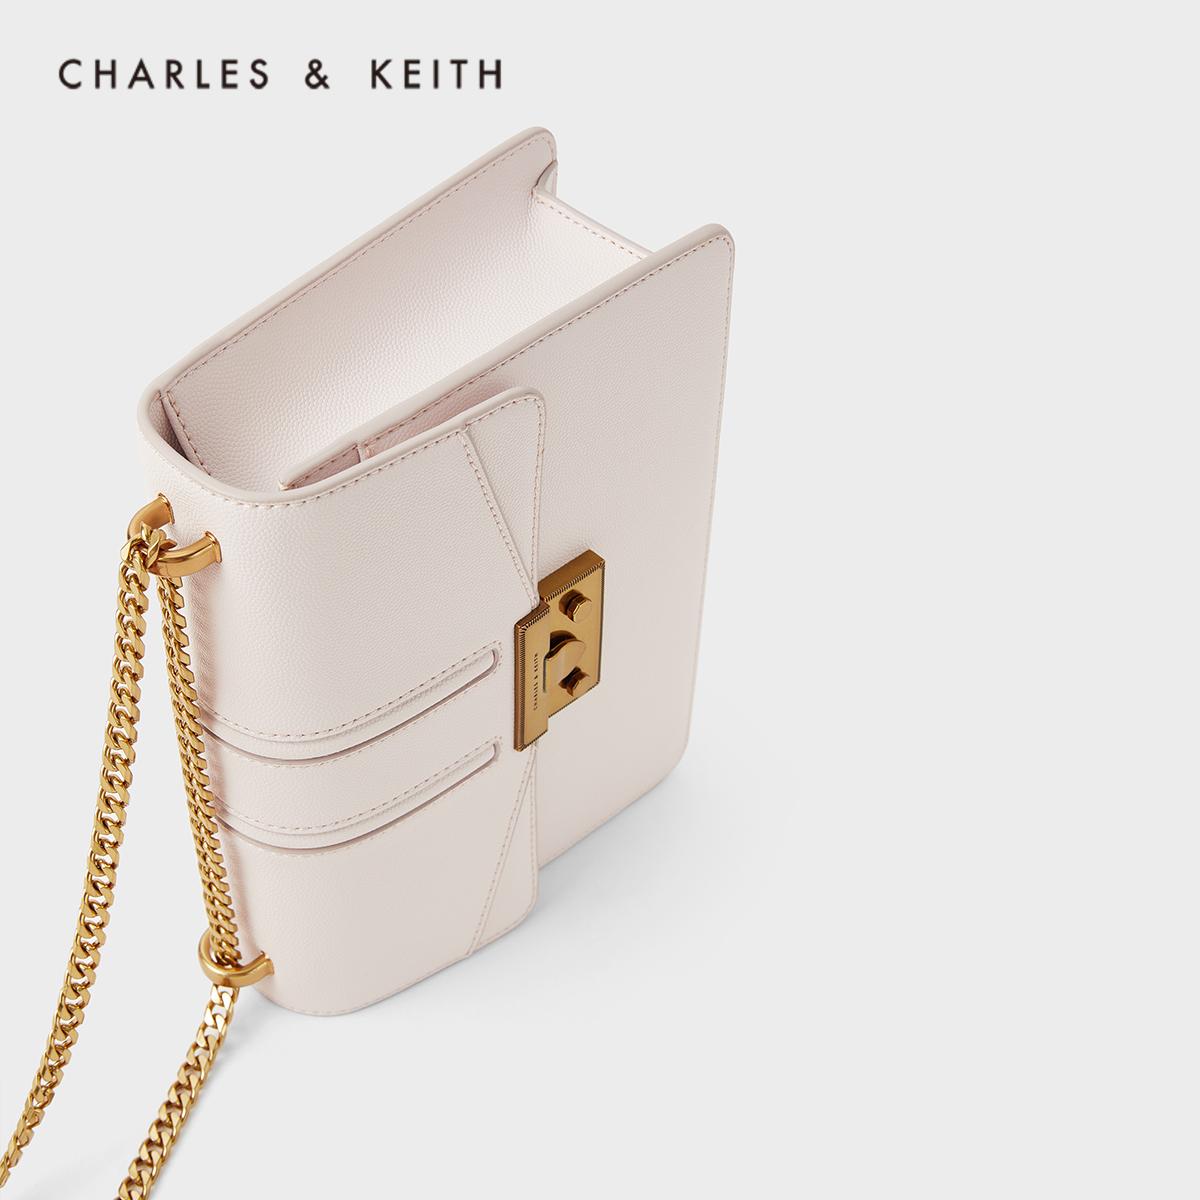 女士链条单肩包酒神包 5 21200009 CK2 春季新品 KEITH2021 & CHARLES